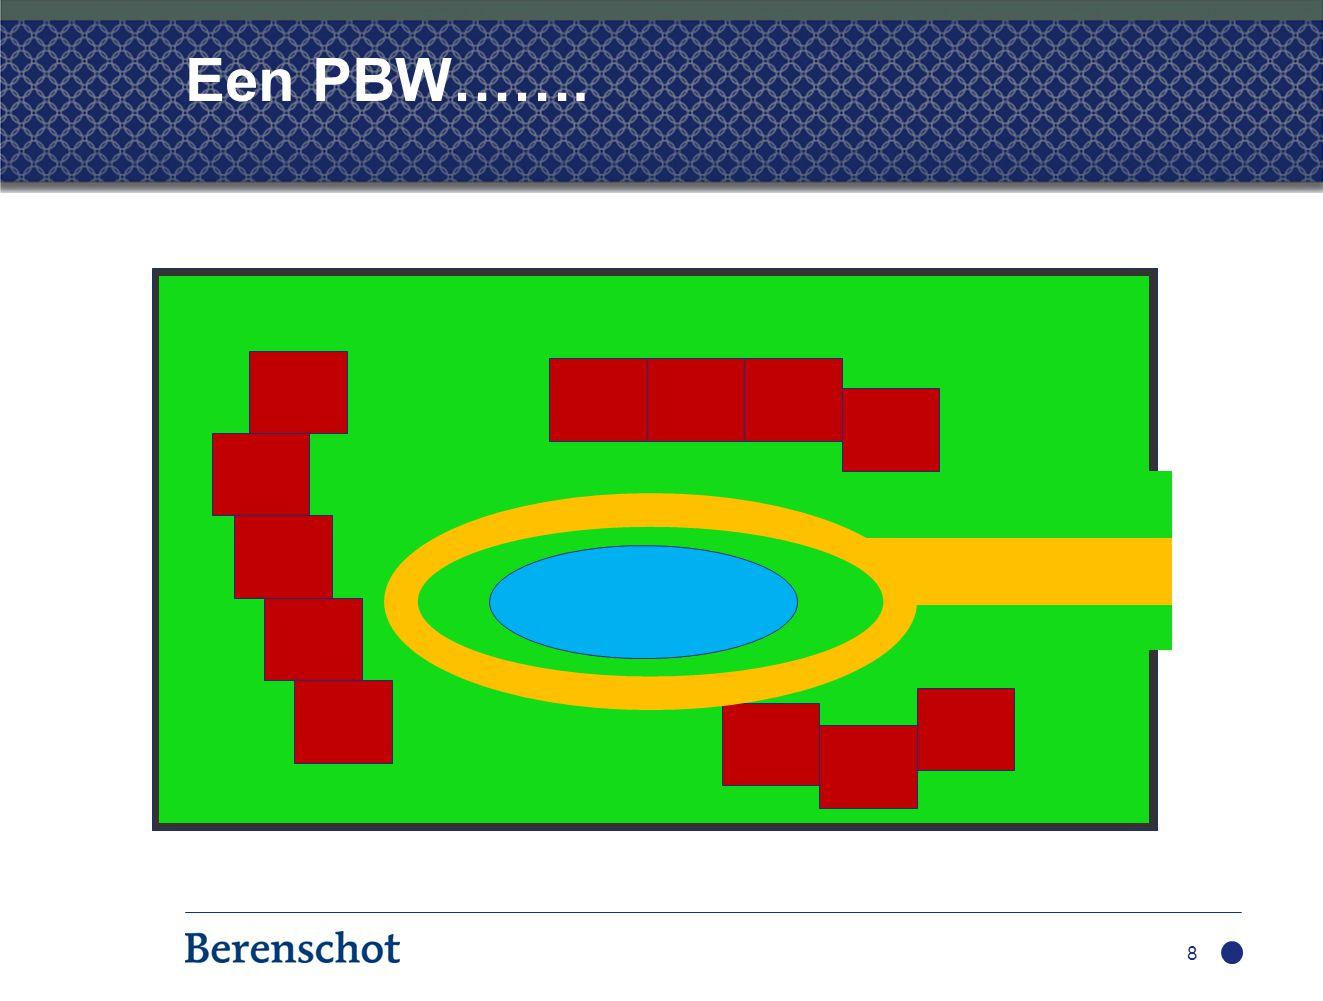 9 Spanningen Burger Markt Overheid PBW - Sterke verbondenheid PBW dan aan wijk, werk, kerk, gemeente door PBW bewoners.